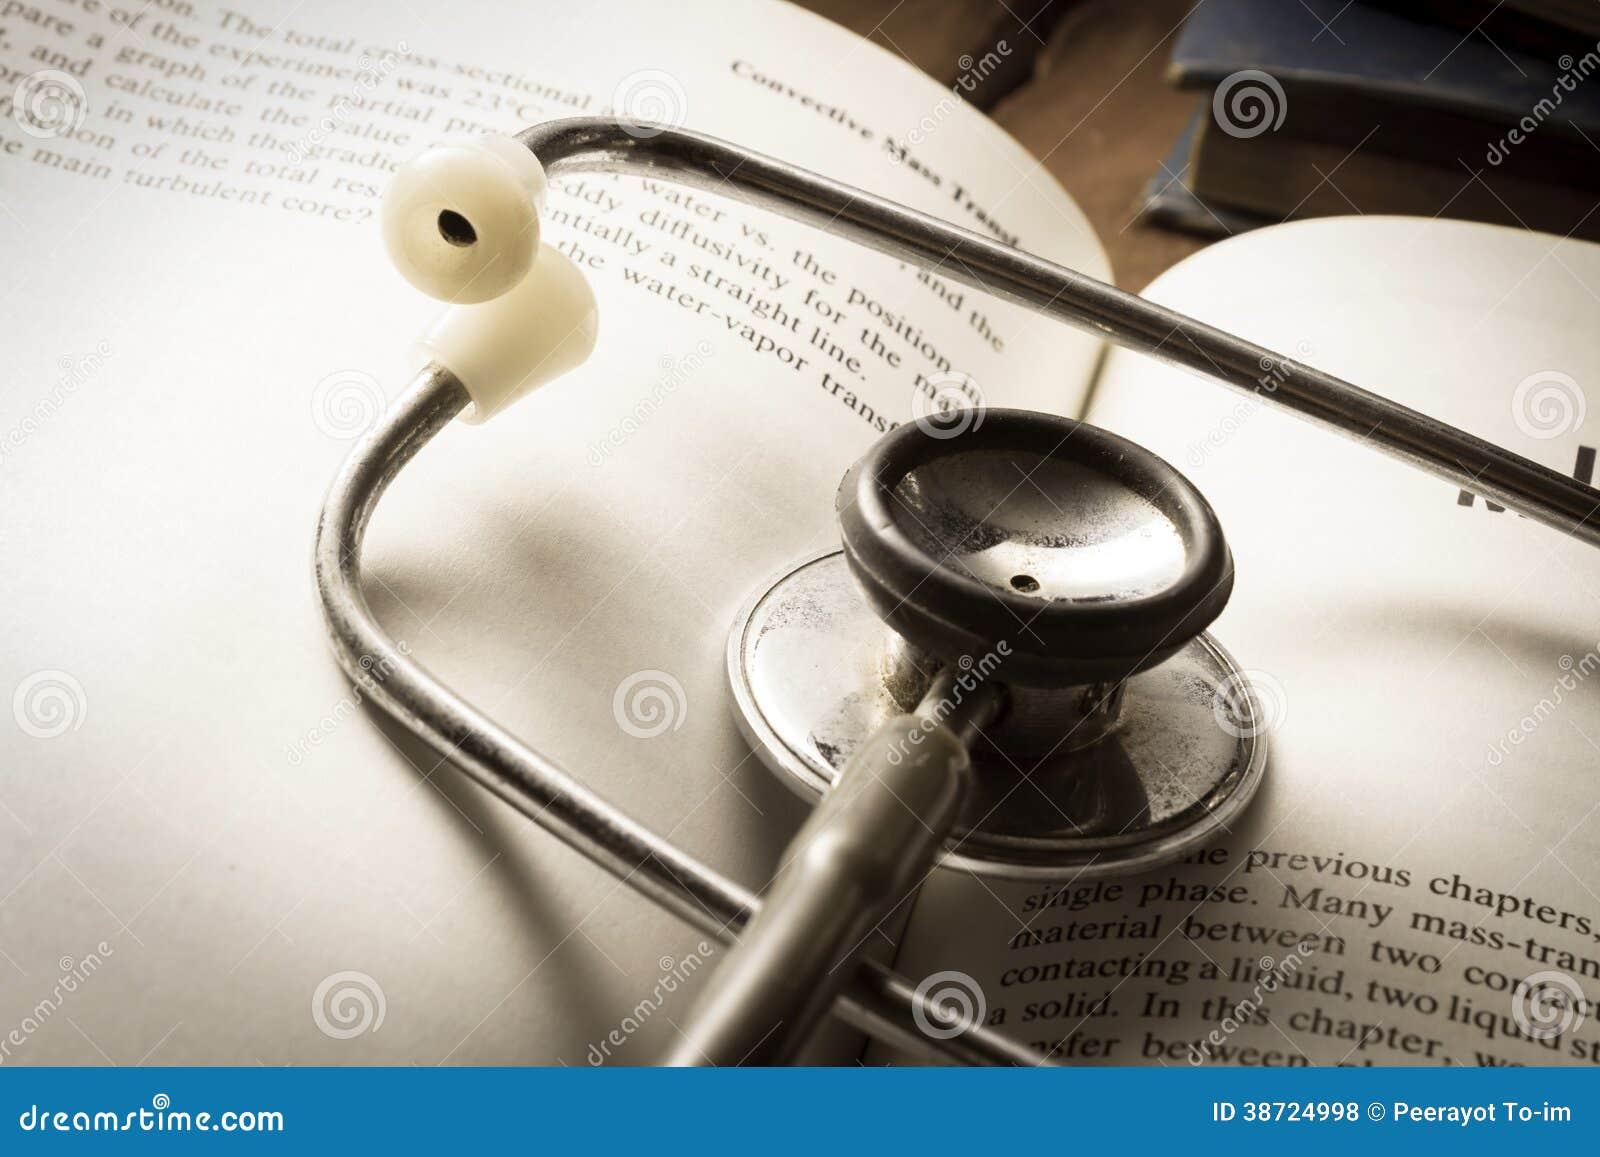 Стетоскоп на открытой книге.